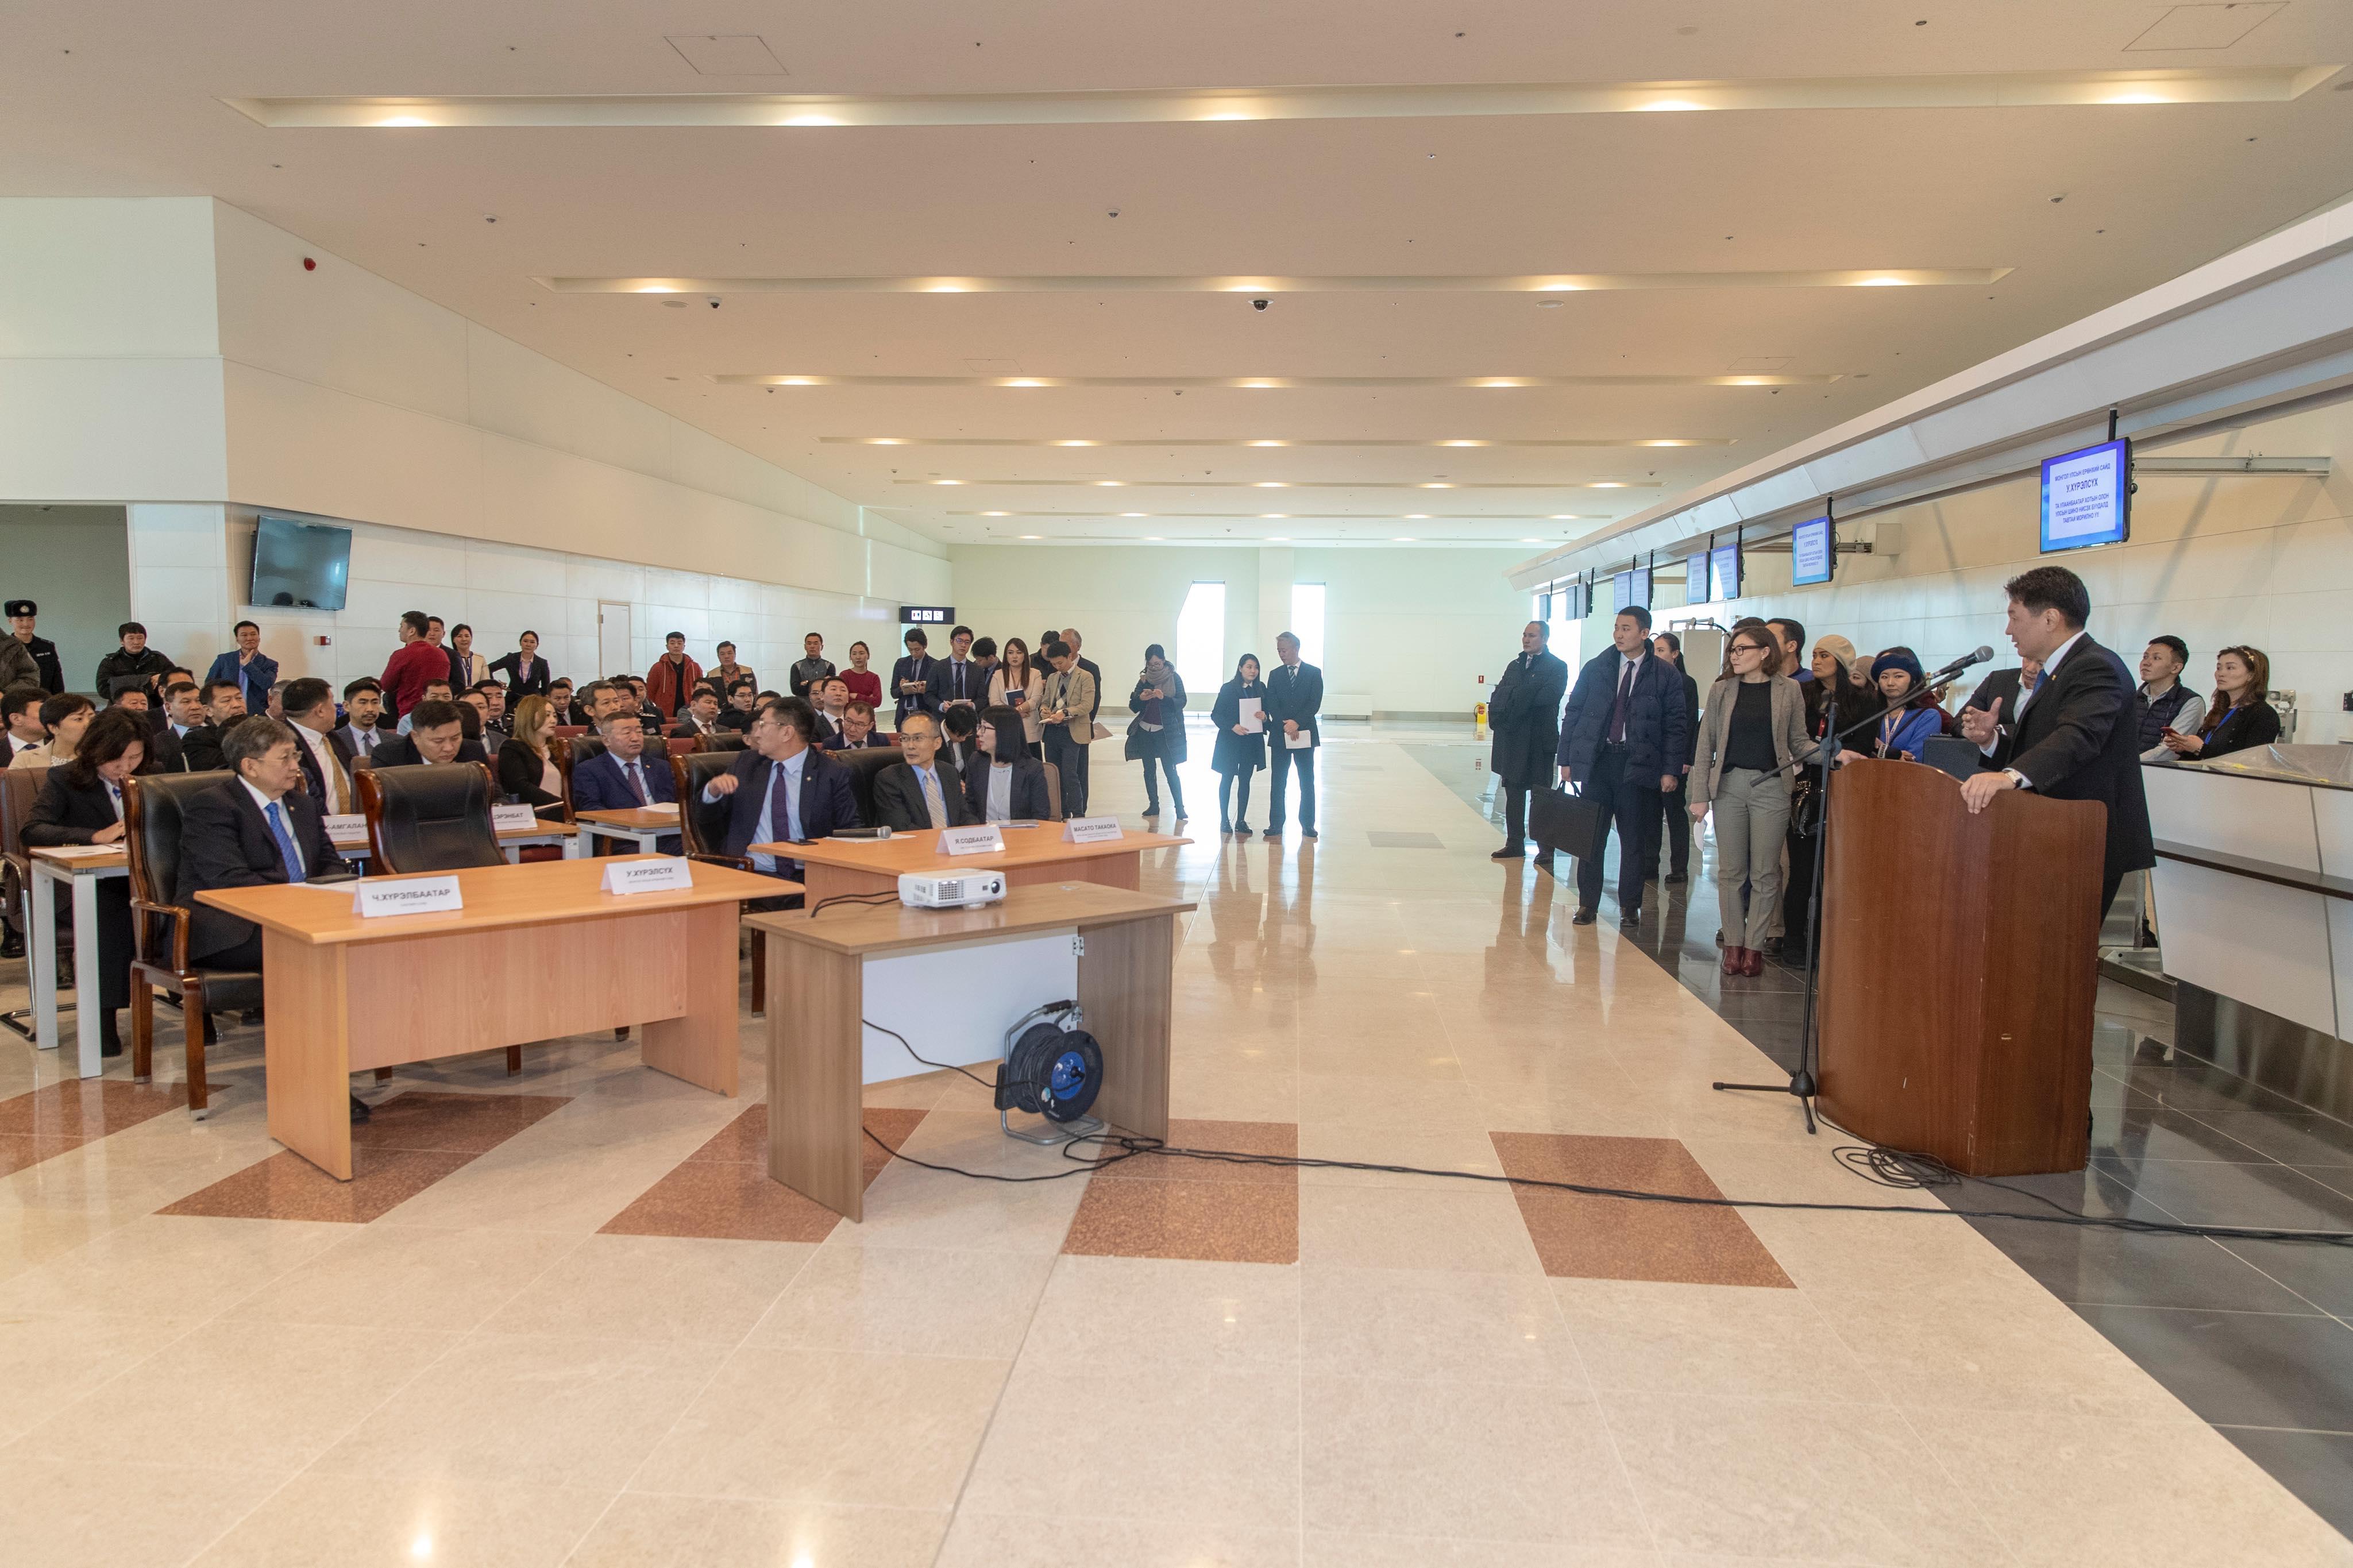 Ирэх оны долдугаар сард Улаанбаатар хотын Олон Улсын шинэ нисэх буудал ашиглалтад орно